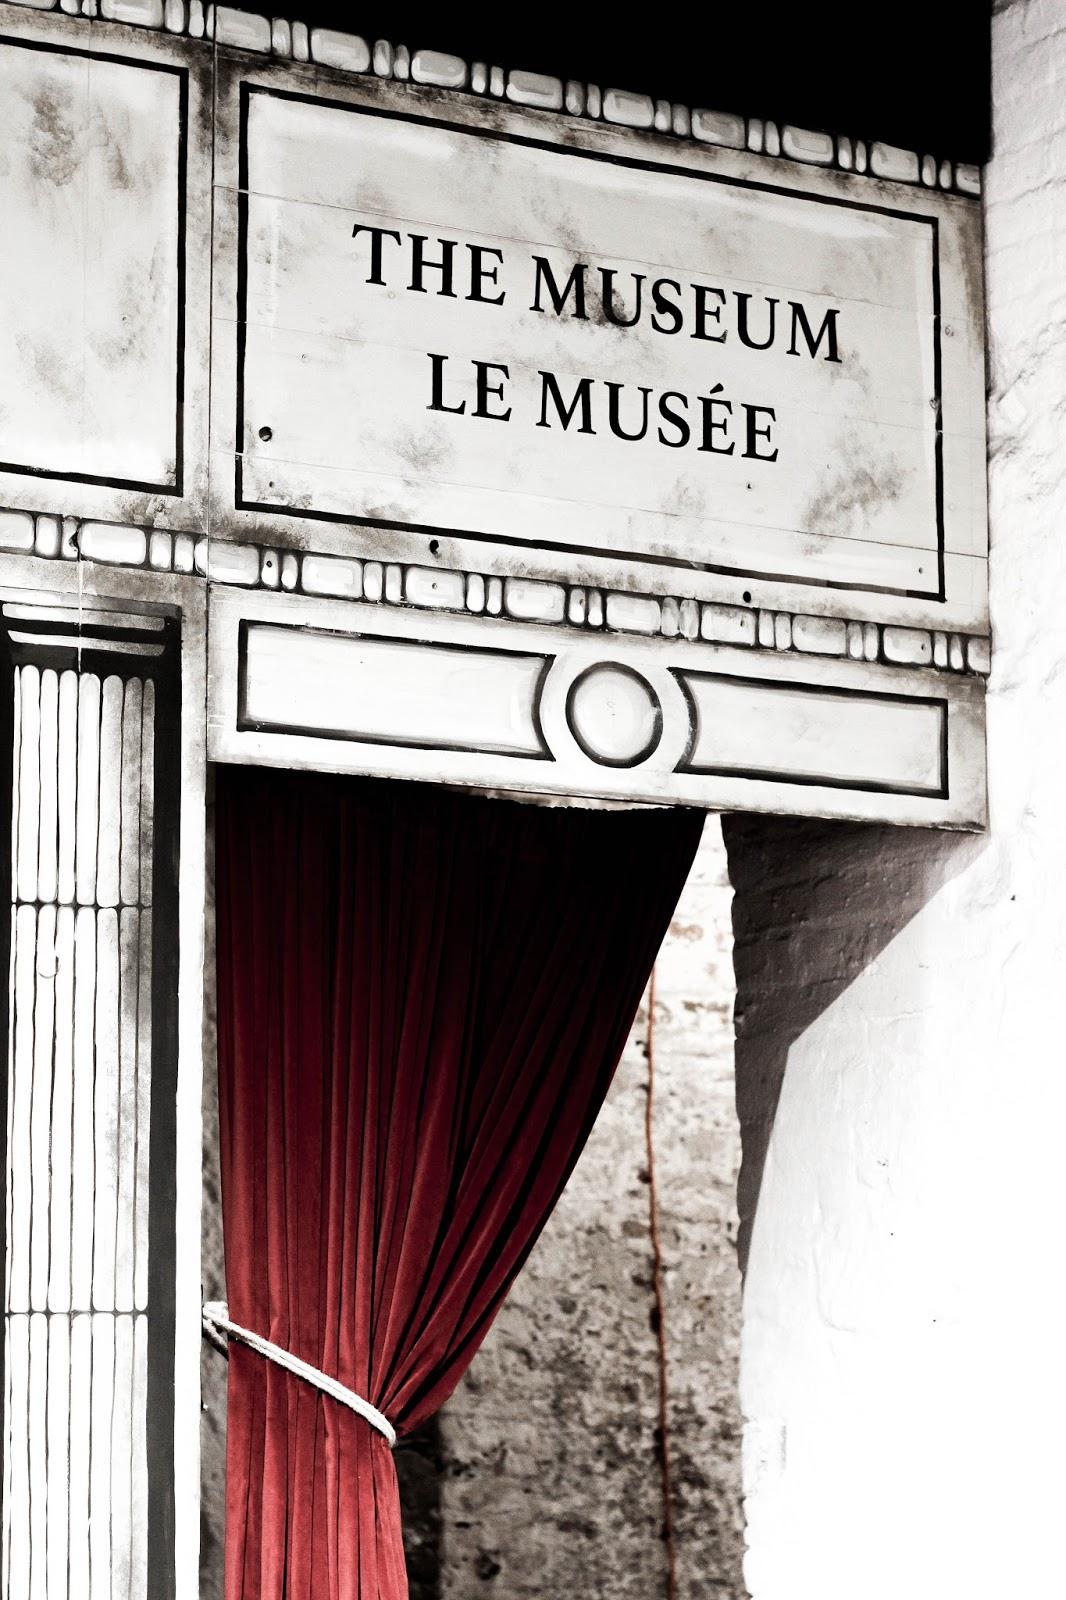 Portchester Castle Theatre Museum Prisoners